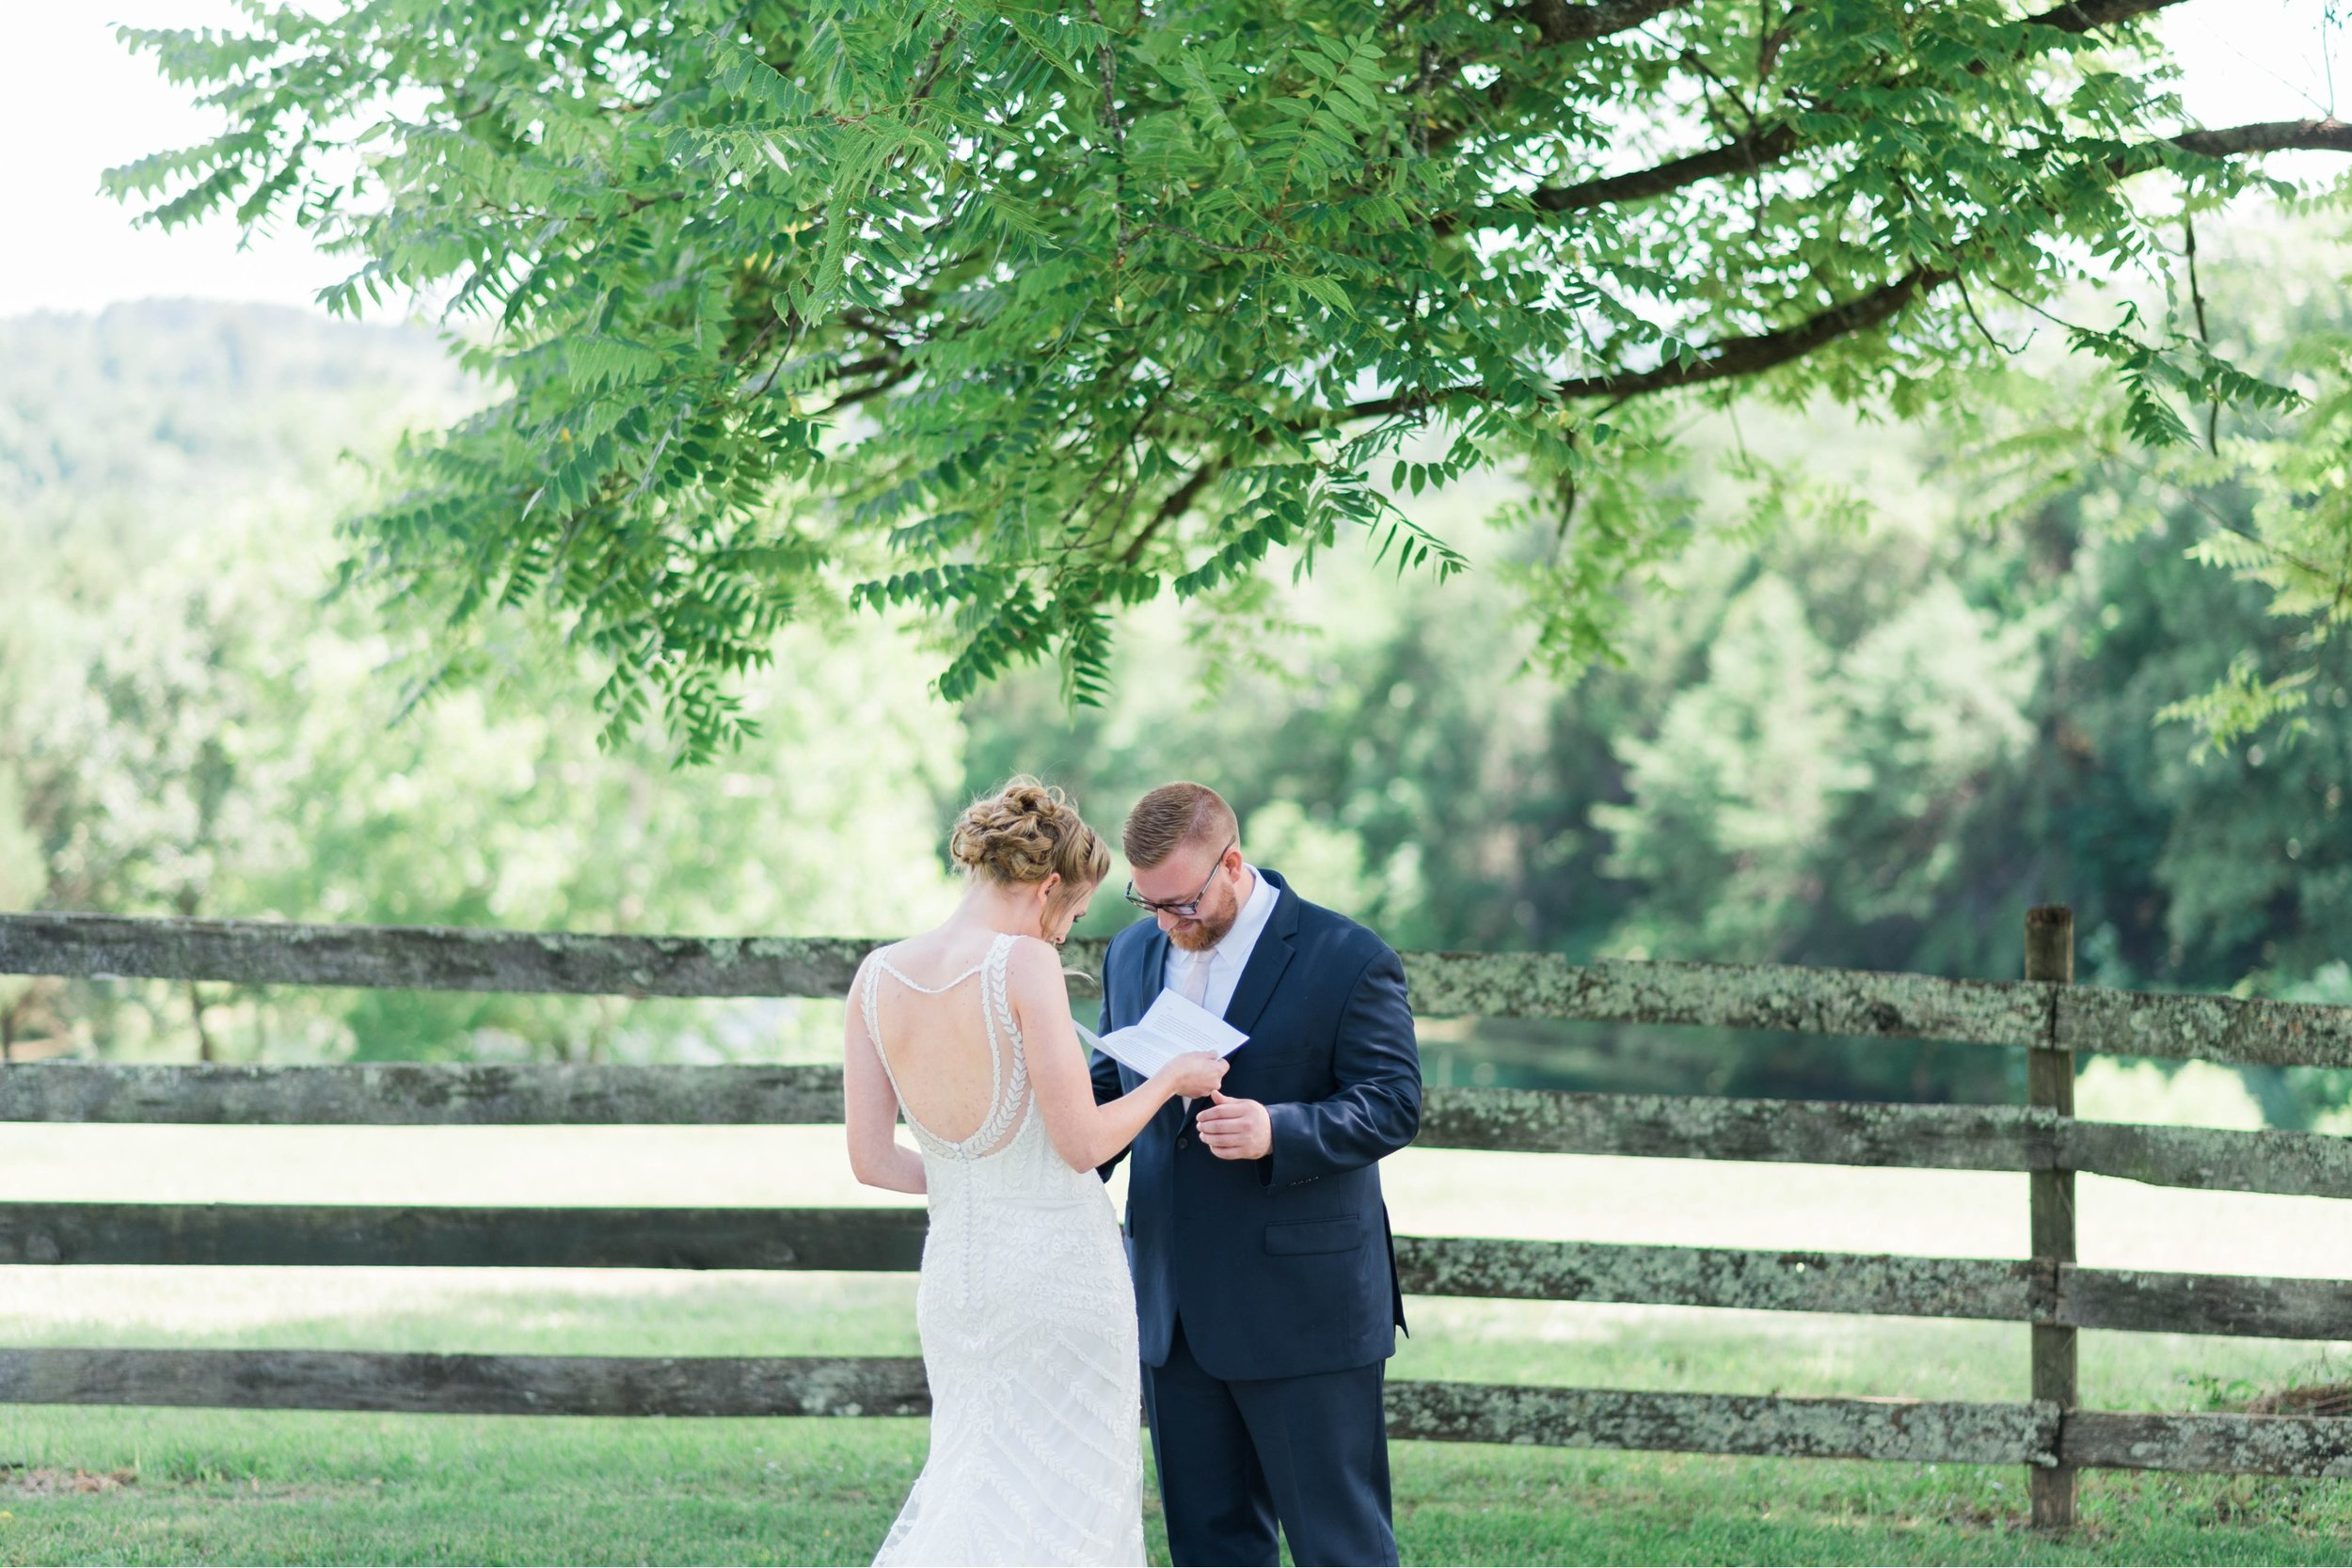 SorellaFarms_VirginiaWeddingPhotographer_BarnWedding_Lynchburgweddingphotographer_DanielleTyler 30.jpg